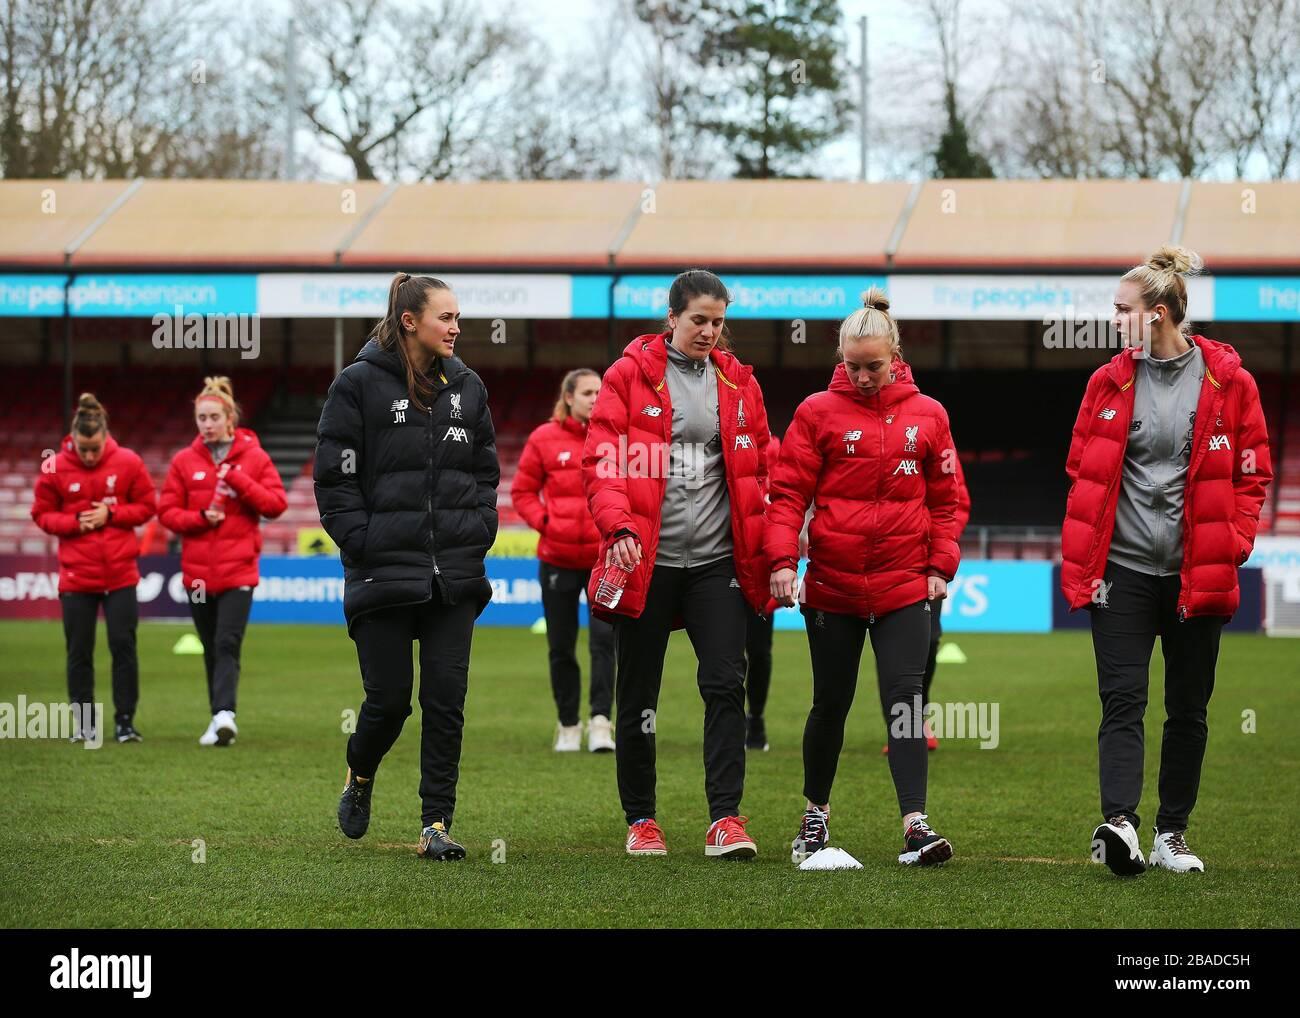 L'équipe féminine de Liverpool inspecte le terrain du People's Pension Stadium avant de commencer Banque D'Images